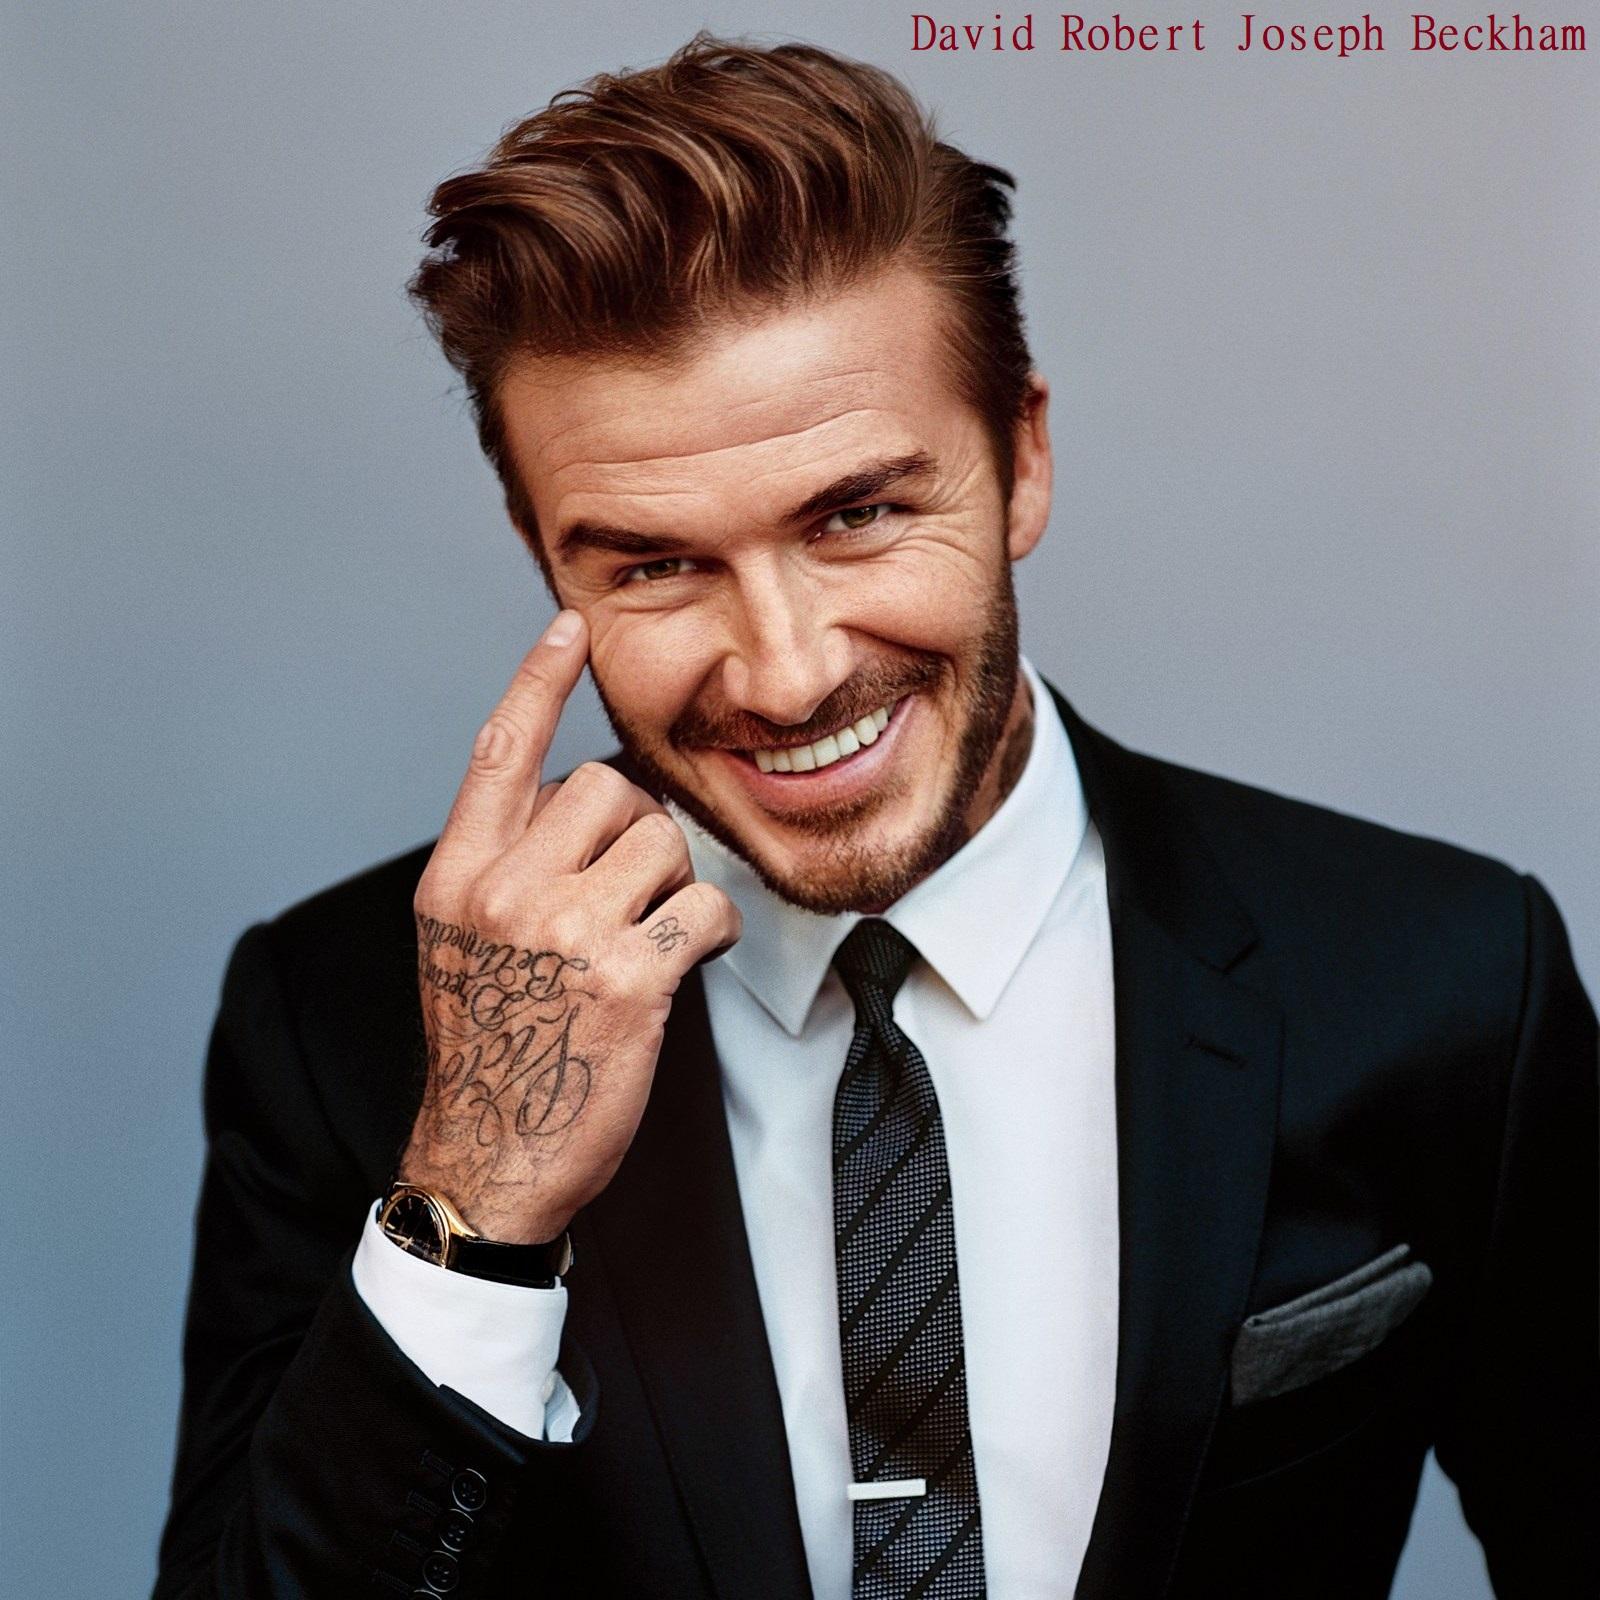 David Robert Joseph Beckham